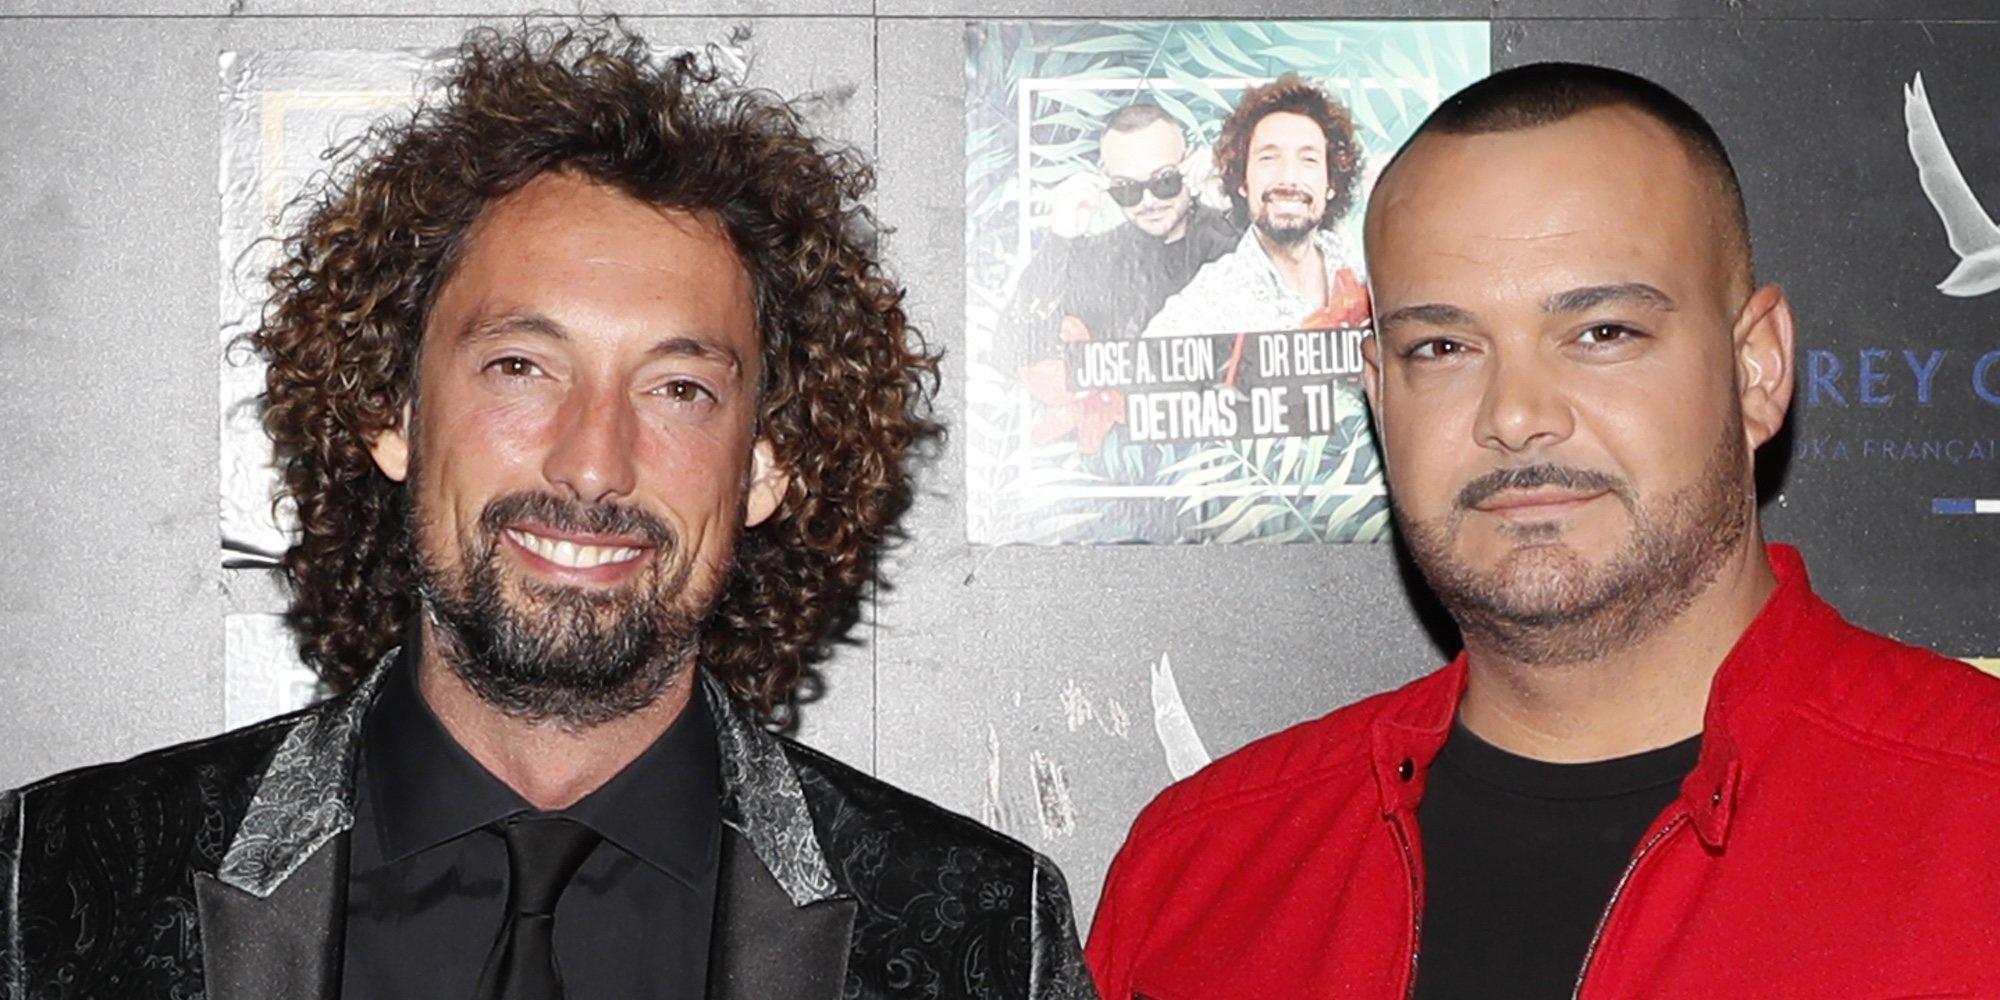 José Antonio León presenta un inesperado proyecto junto a Dr.Bellido: su nuevo single, 'Detrás de ti'